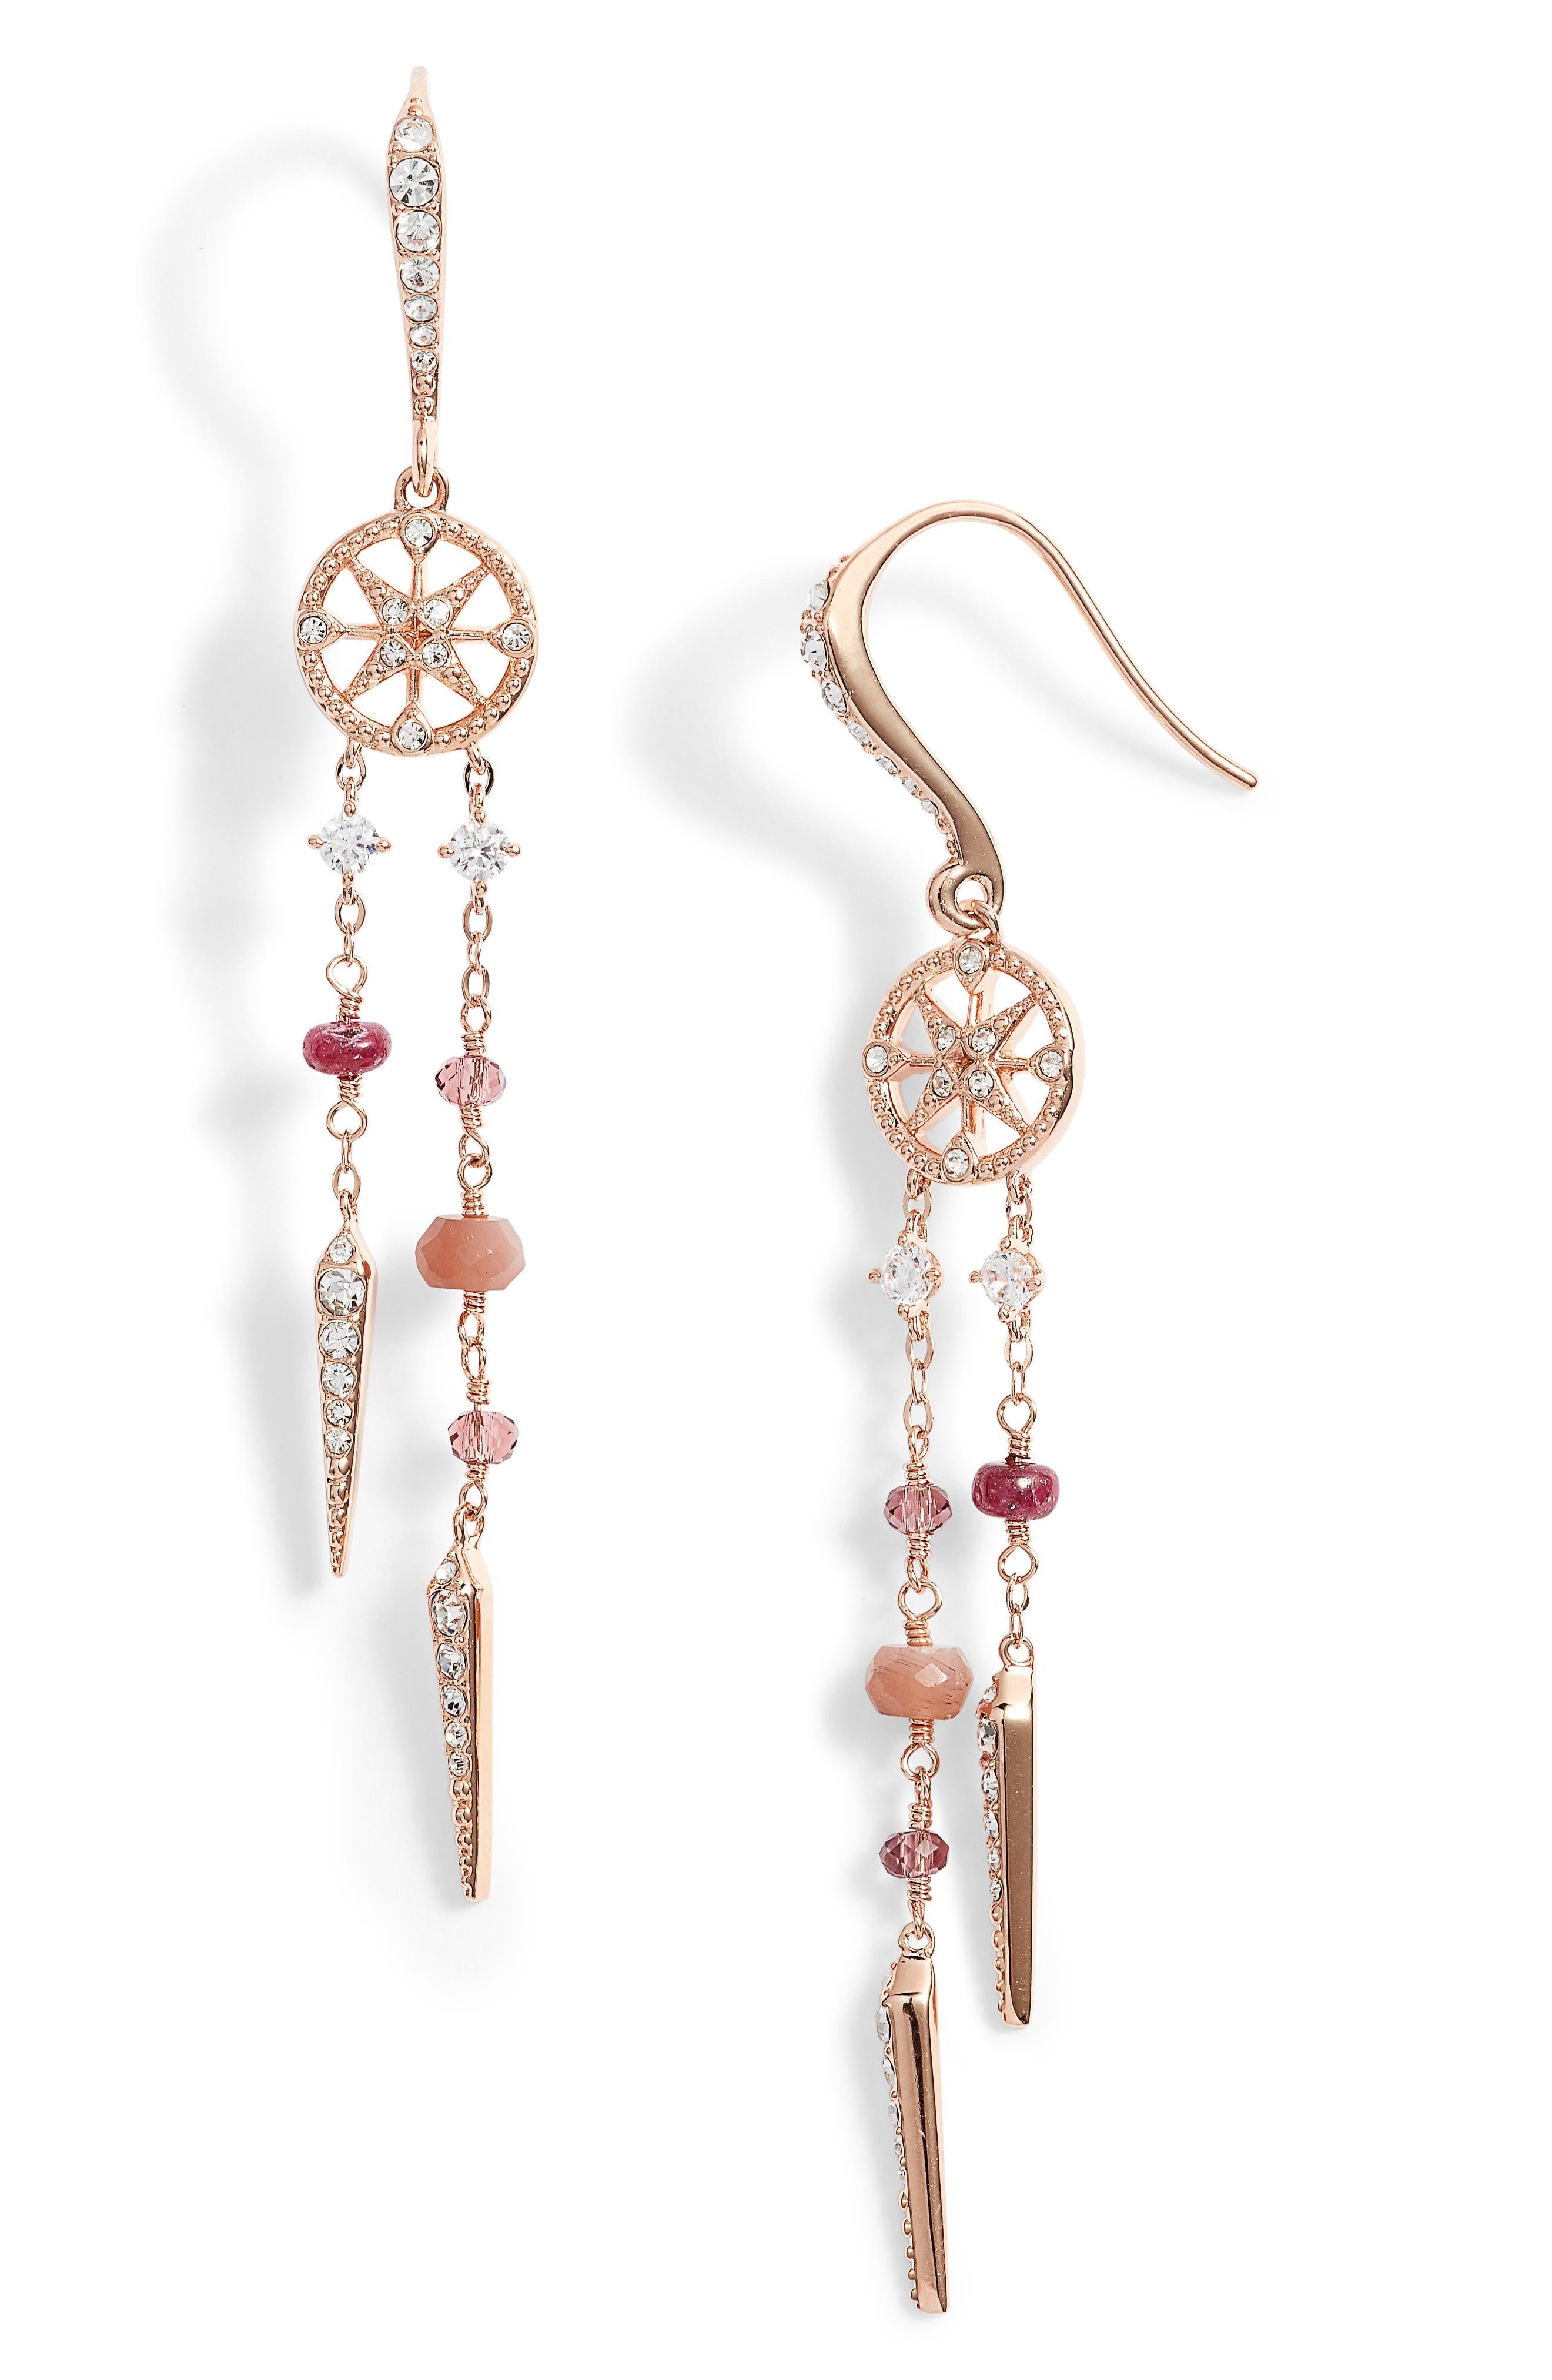 Crystal & Semiprecious Stone Drop Earrings,                             Main thumbnail 1, color,                             600